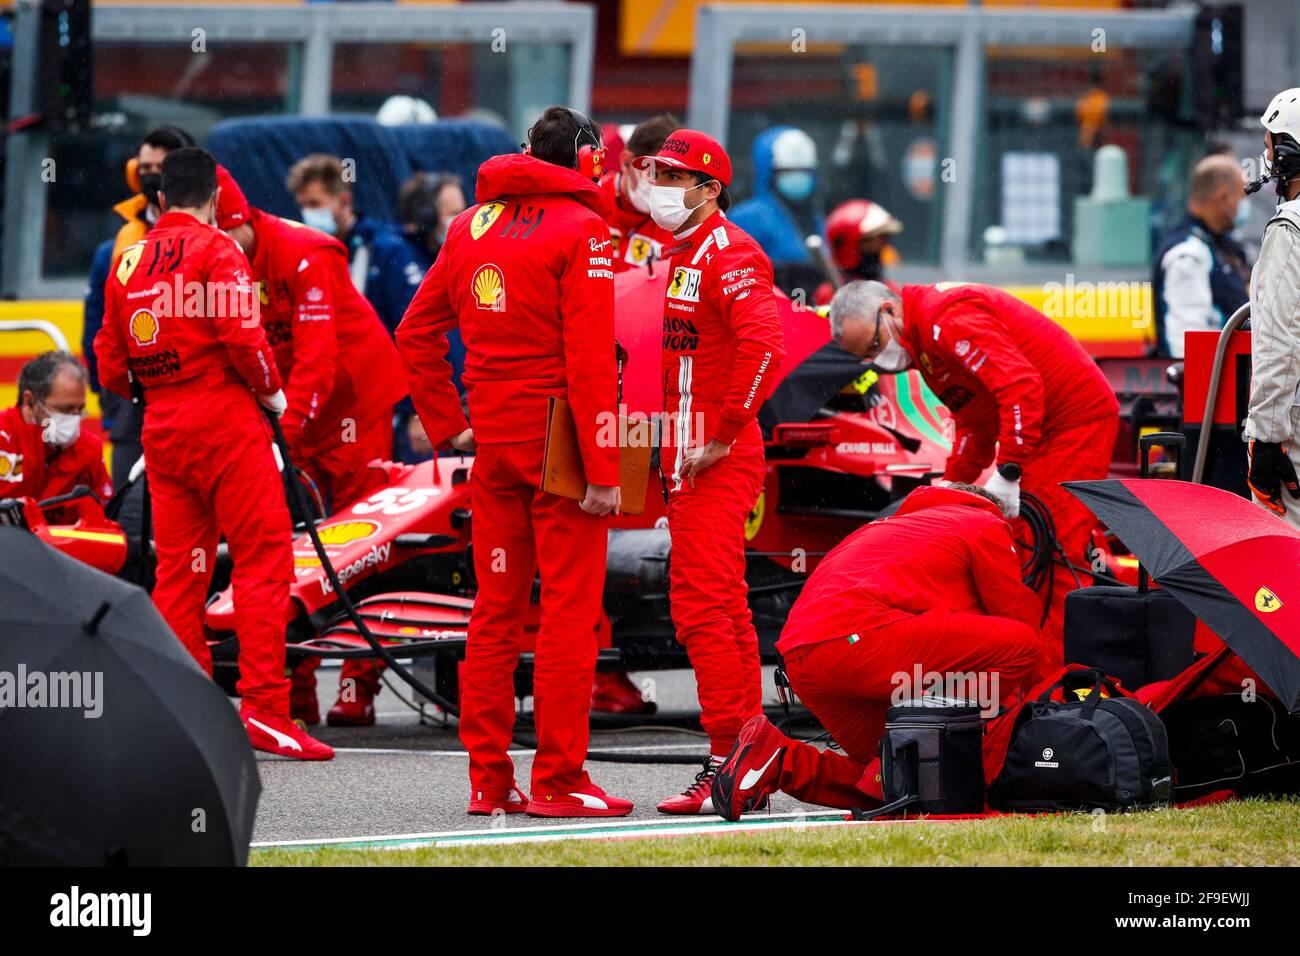 SAINZ Carlos (spa), Scuderia Ferrari SF21, on the grid during the ...